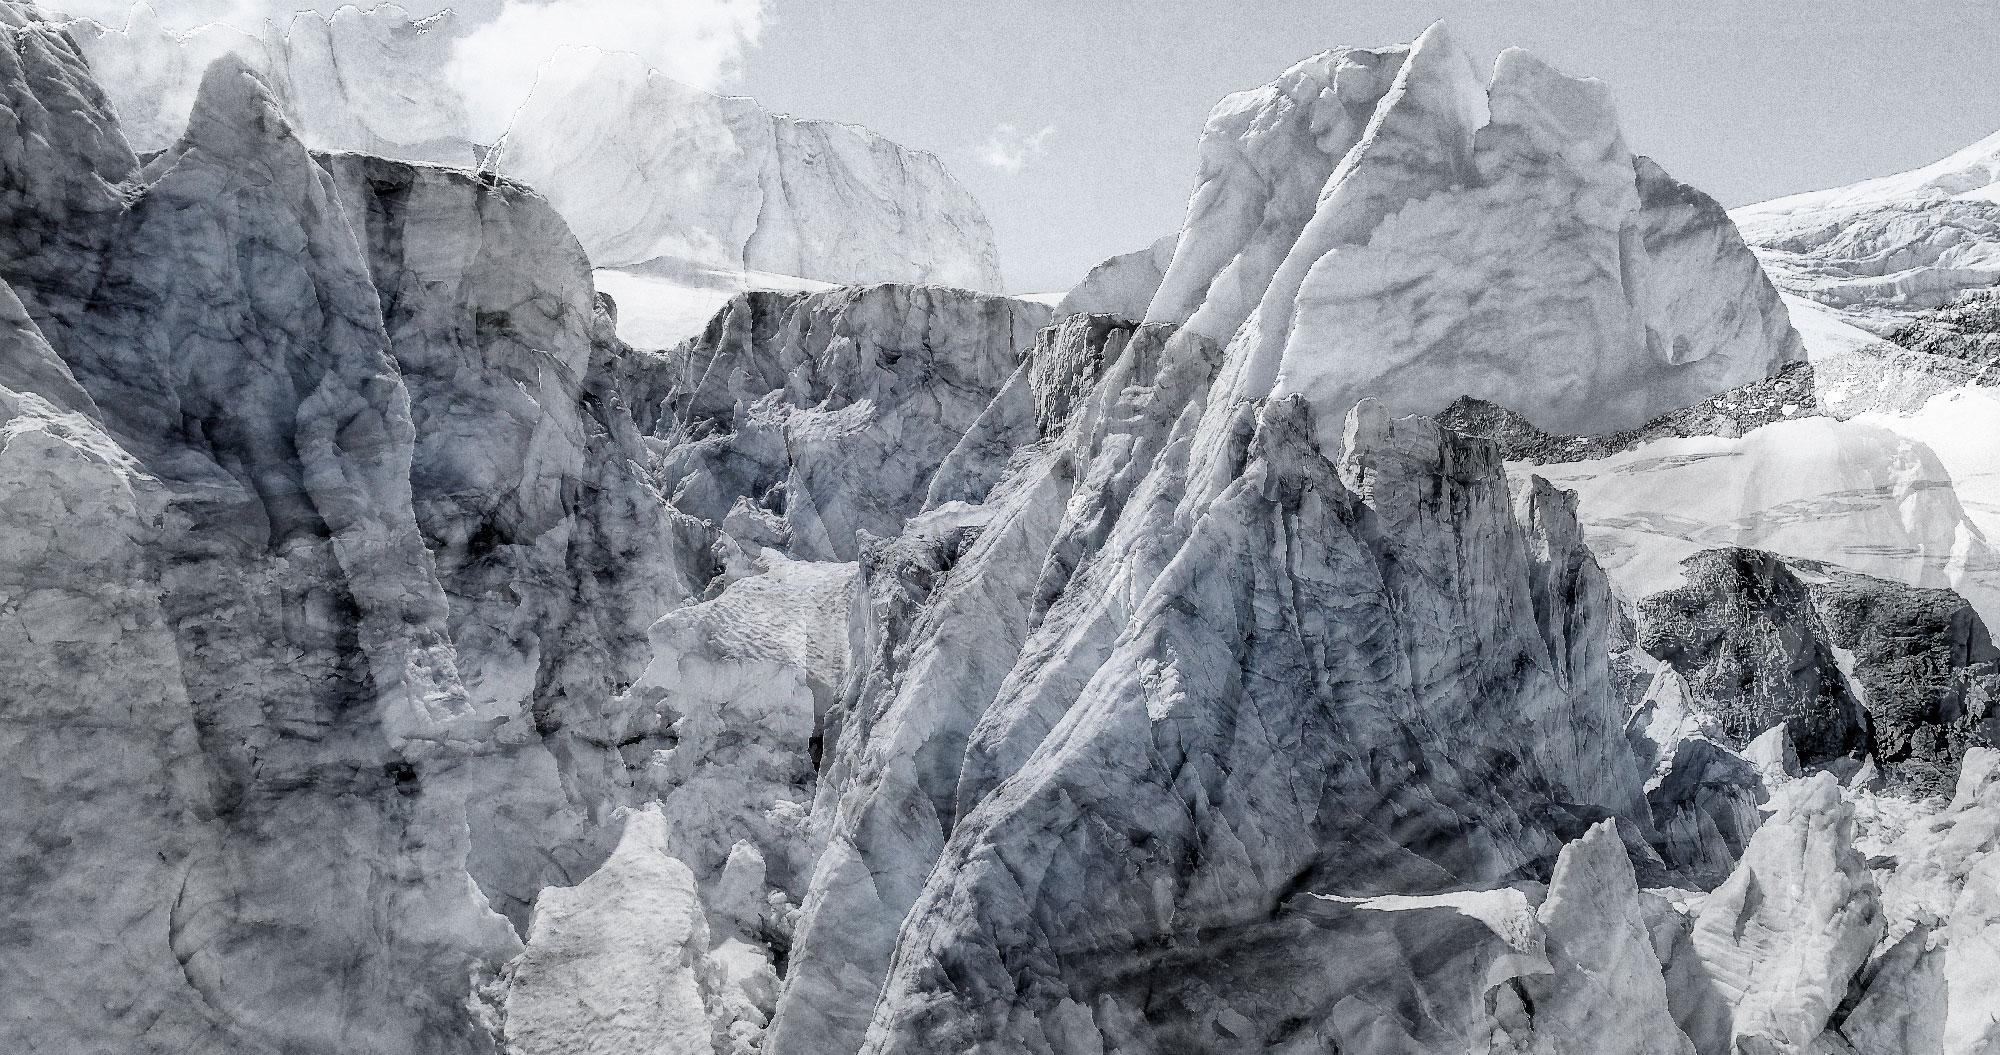 #127 Glaciers offset, 2017, photographie reconstruite à partir de bandes videos, réalisées sur le glacier de Moiry  #127 Glaciers offset, 2017, photographie reconstruite à partir de bandes videos, réalisées sur le glacier de Moiry